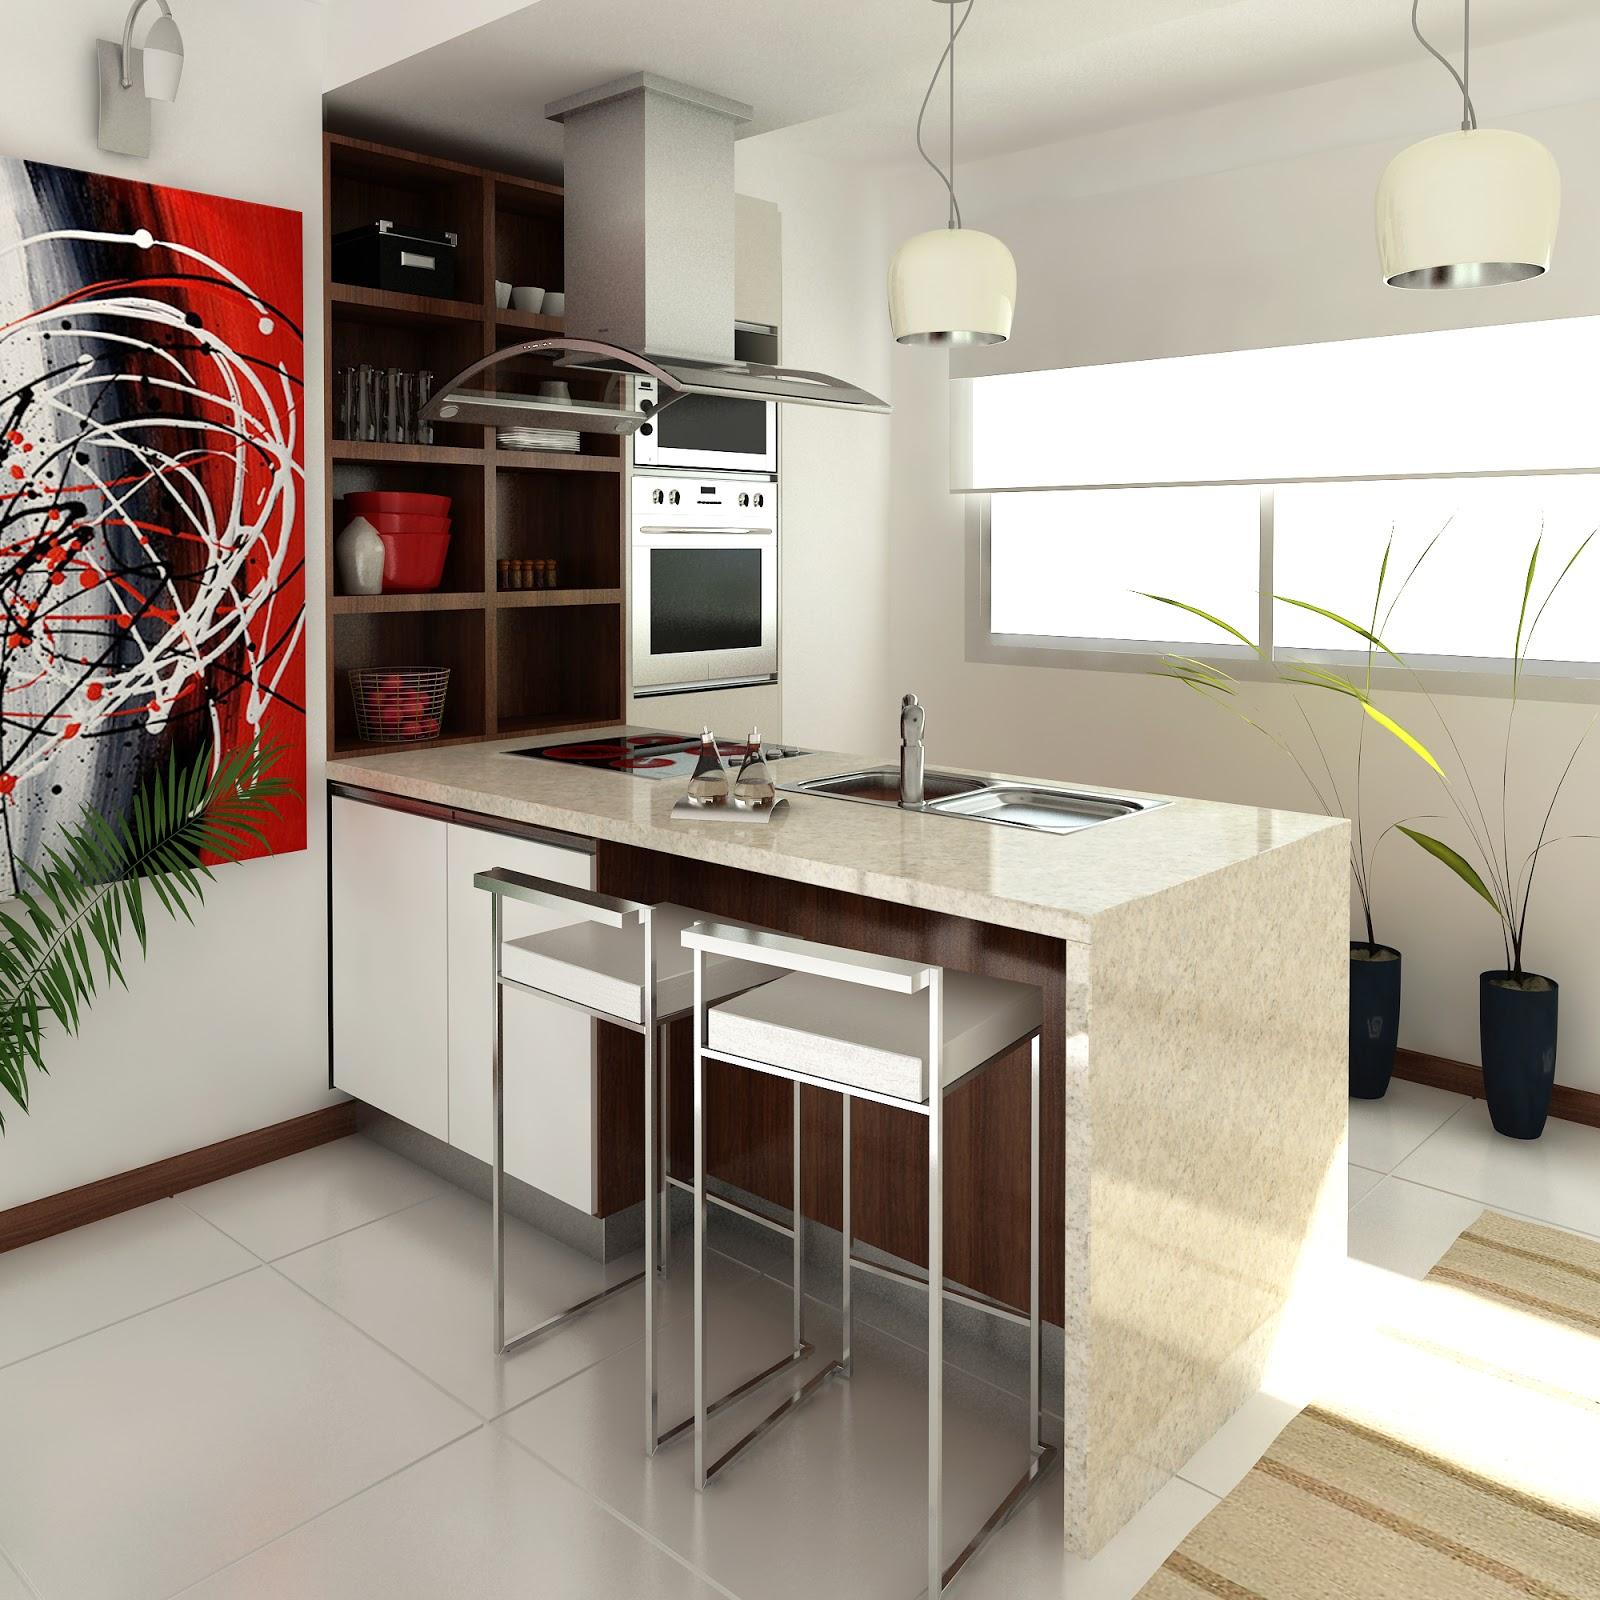 Arquitectura en im genes 3d dise o de interiores cocinas Disenos de casas contemporaneas pequenas